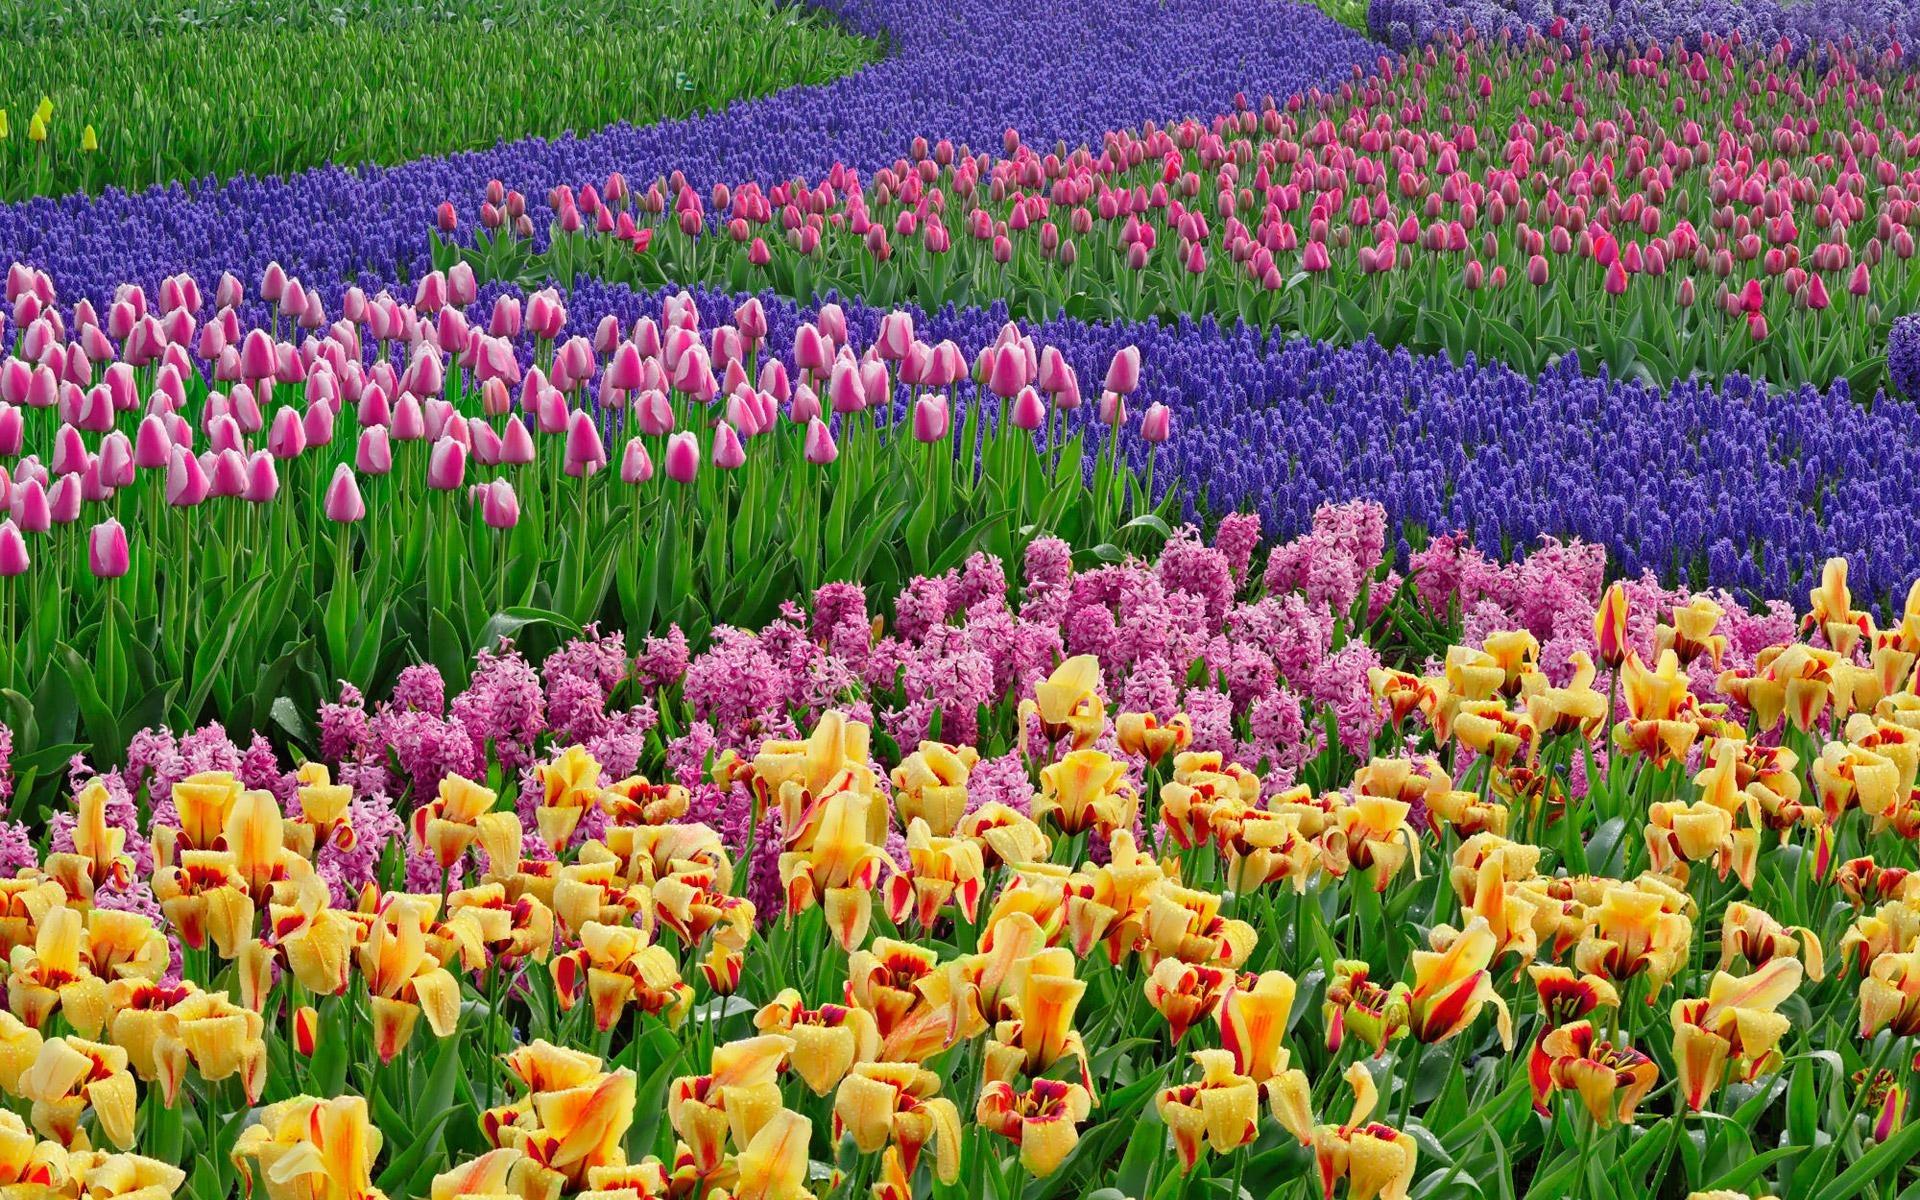 نجف آباد در بین سه شهرستان برتر استان از لحاظ تولید گل شب بو قرار دارد  نجف آباد در بين سه شهرستان برتر استان از لحاظ توليد گل شب بو قرار دارد